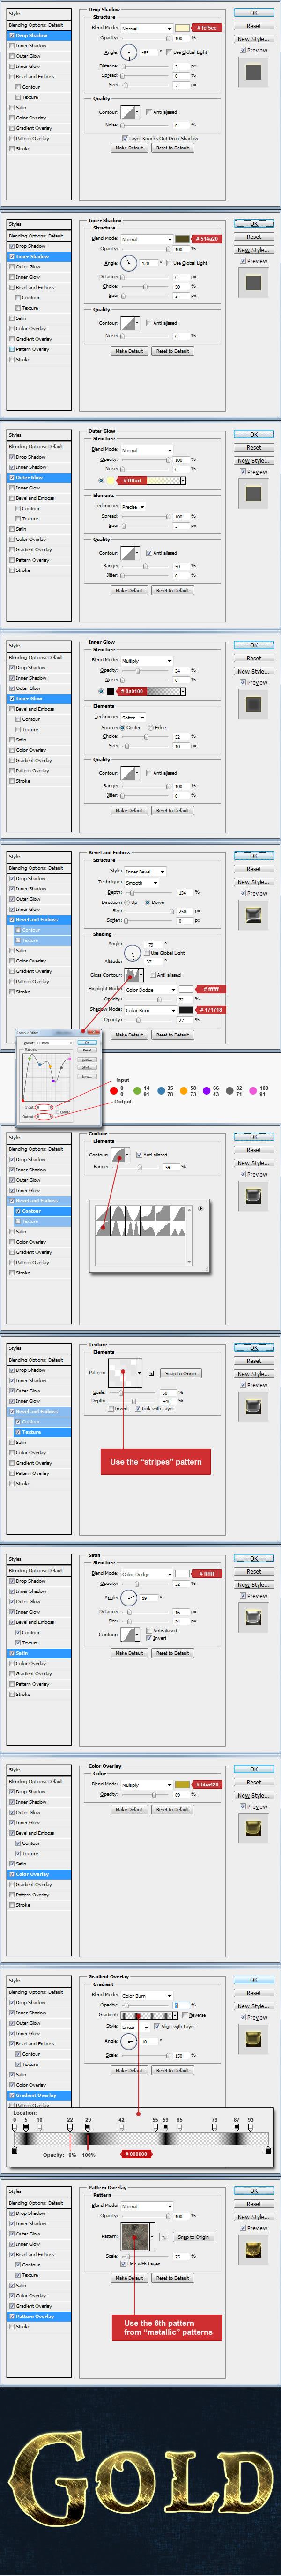 gold text effect layer 1 Tạo Hiệu Ứng Chữ Vàng Bóng, Cổ trong Photoshop